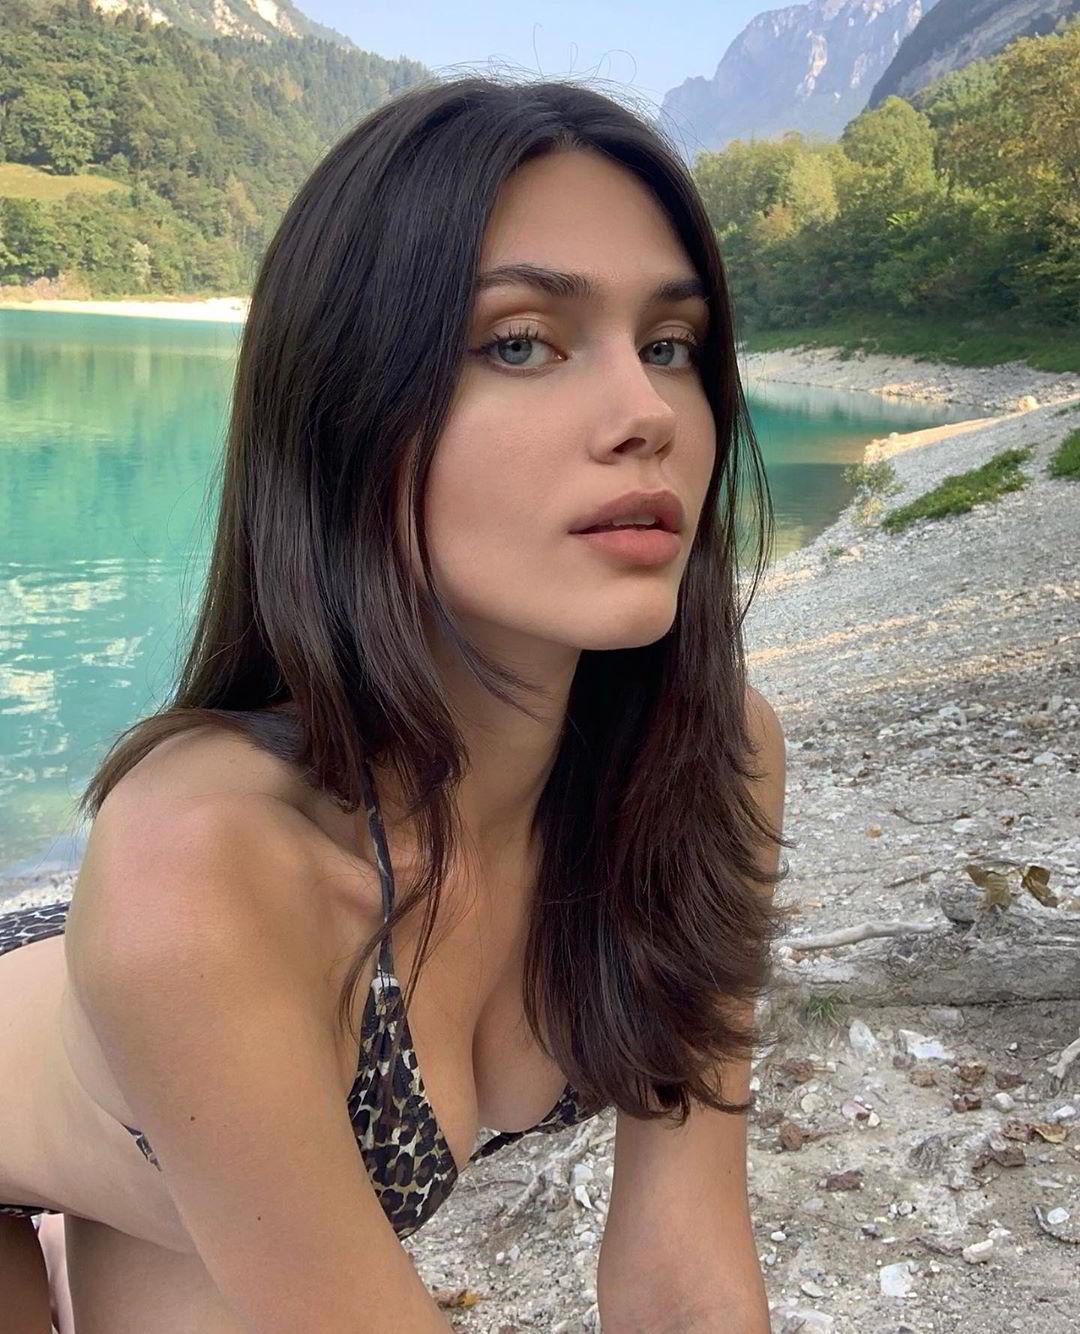 Vika Bronova 烏克蘭正妹拍廣告正式出道人氣爆棚 歐美美女